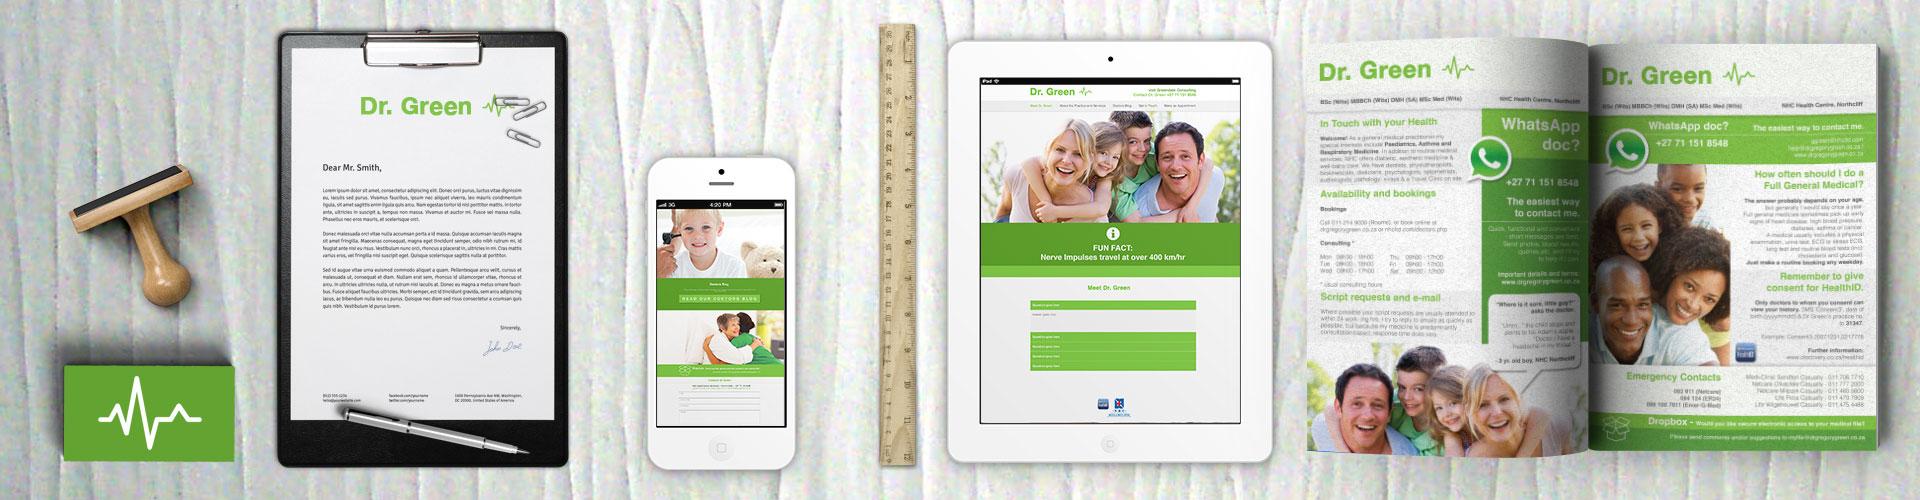 dr-green header Image